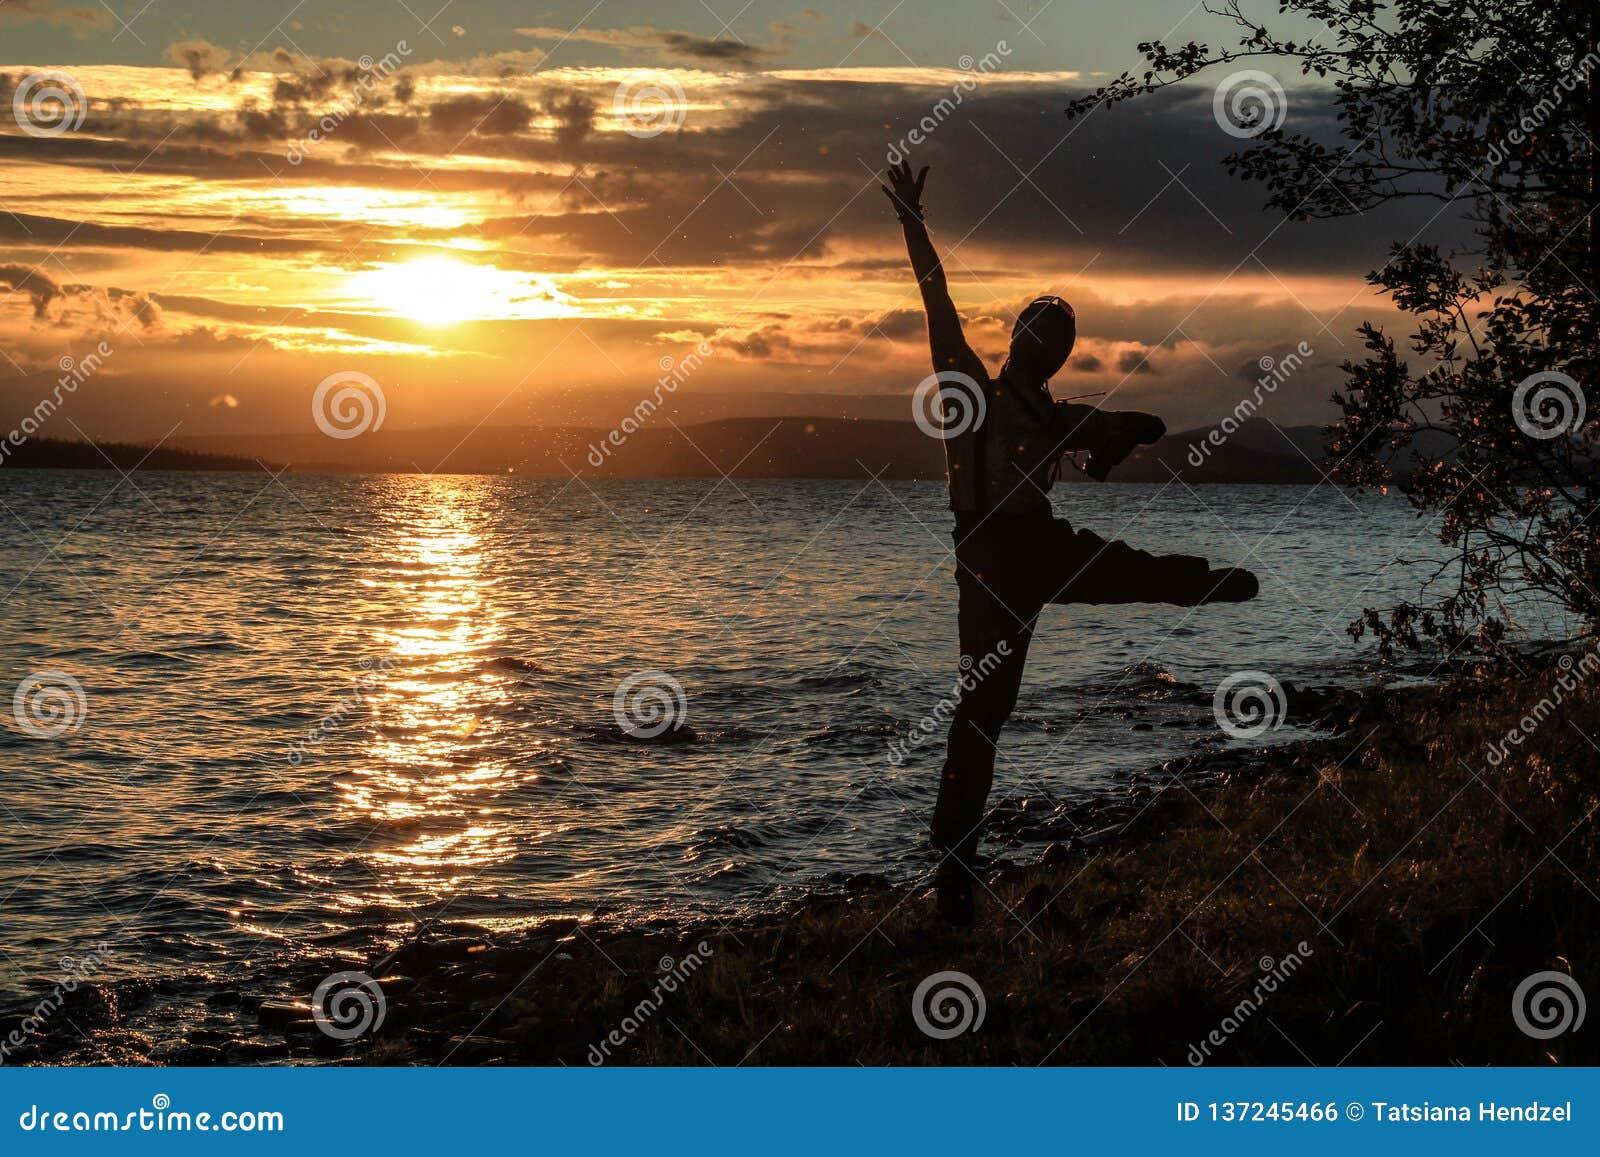 Młody faceta turysta skacze pięknego zmierzch nad jeziorem i cieszy się Muszki latają wokoło on który jarzy się w promieniach,